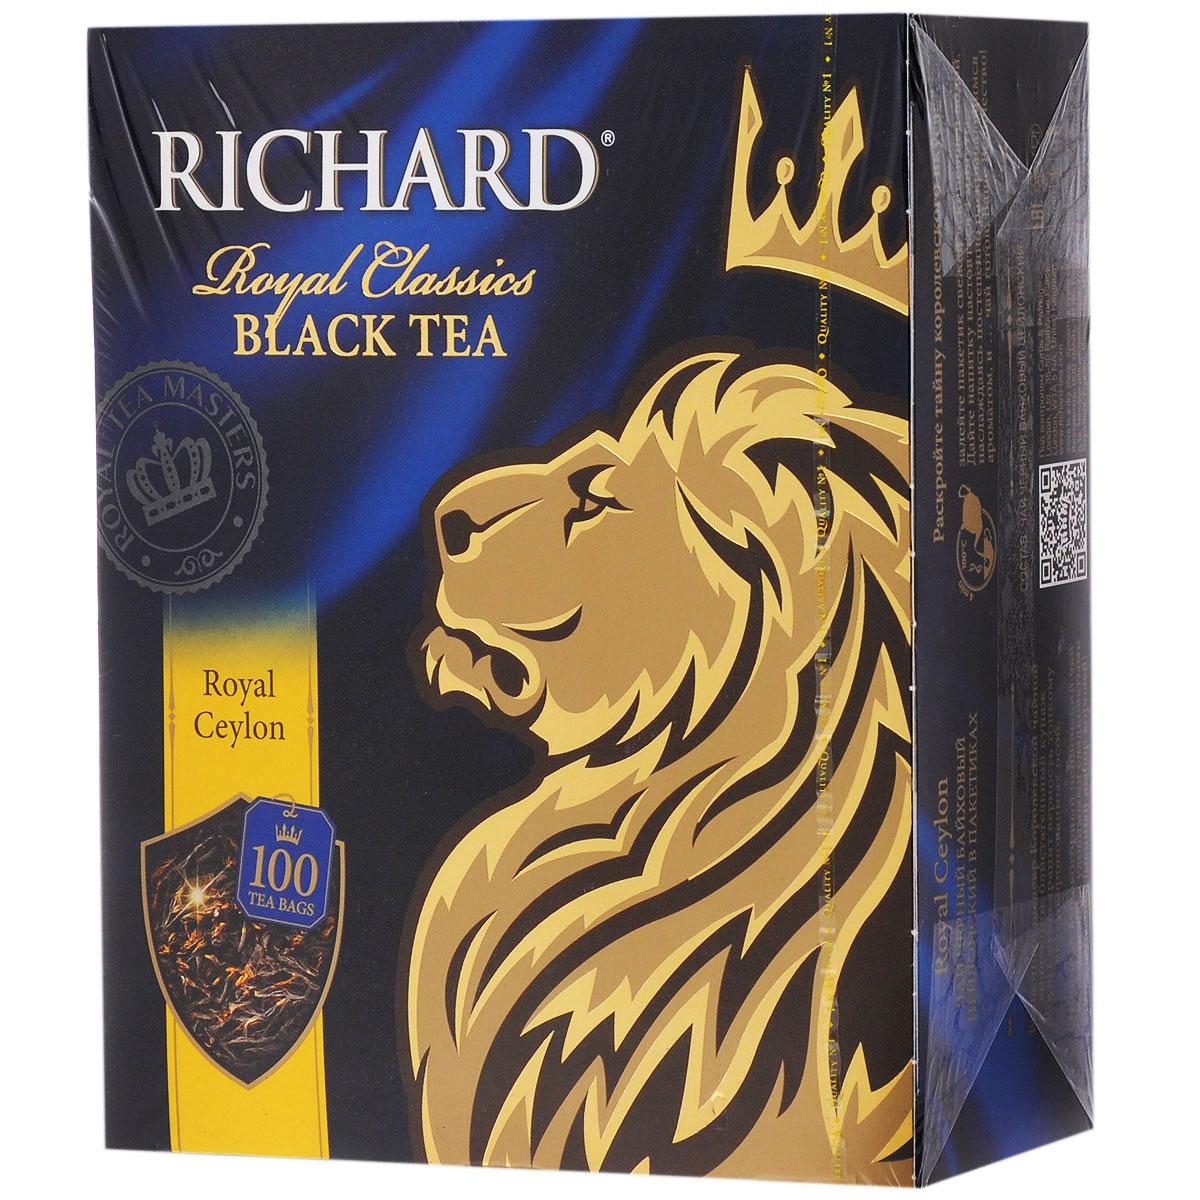 Richard Royal Ceylon черный чай в пакетиках, 100 шт принцесса канди цейлон черный чай в пакетиках 100 шт